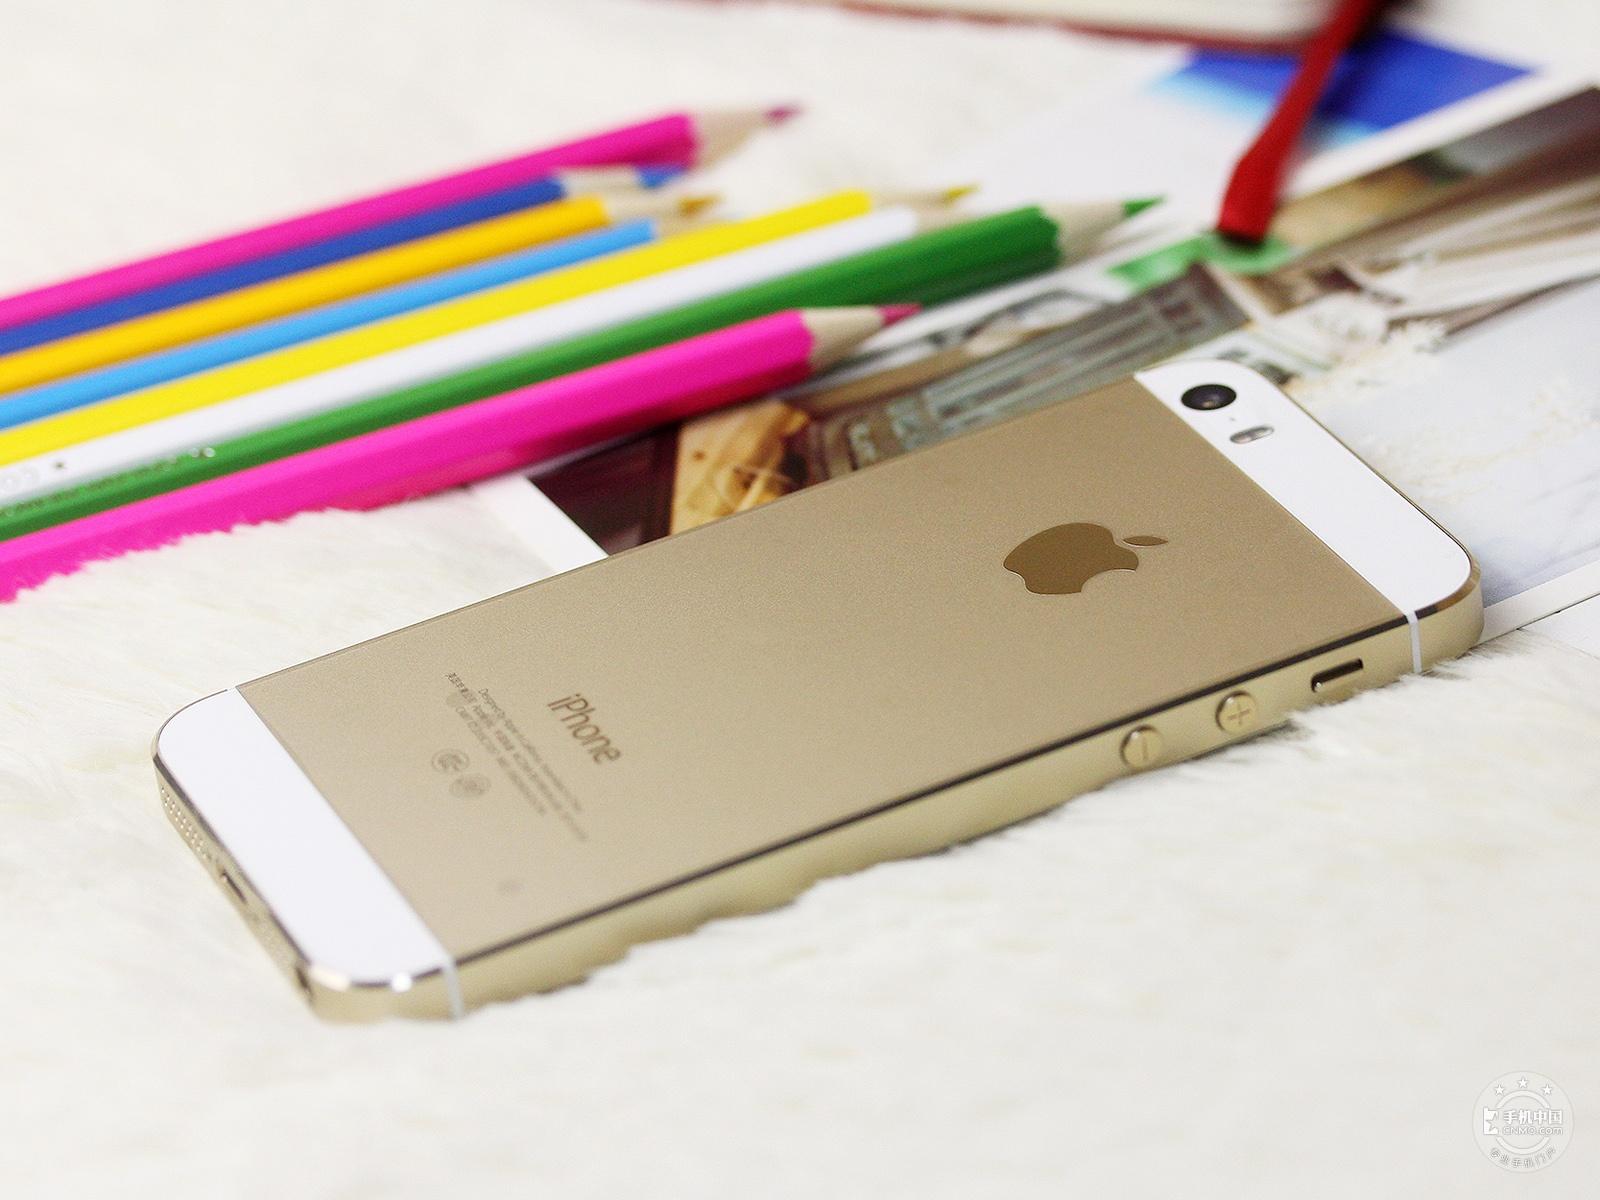 苹果iPhone5s(16GB)整体外观第3张